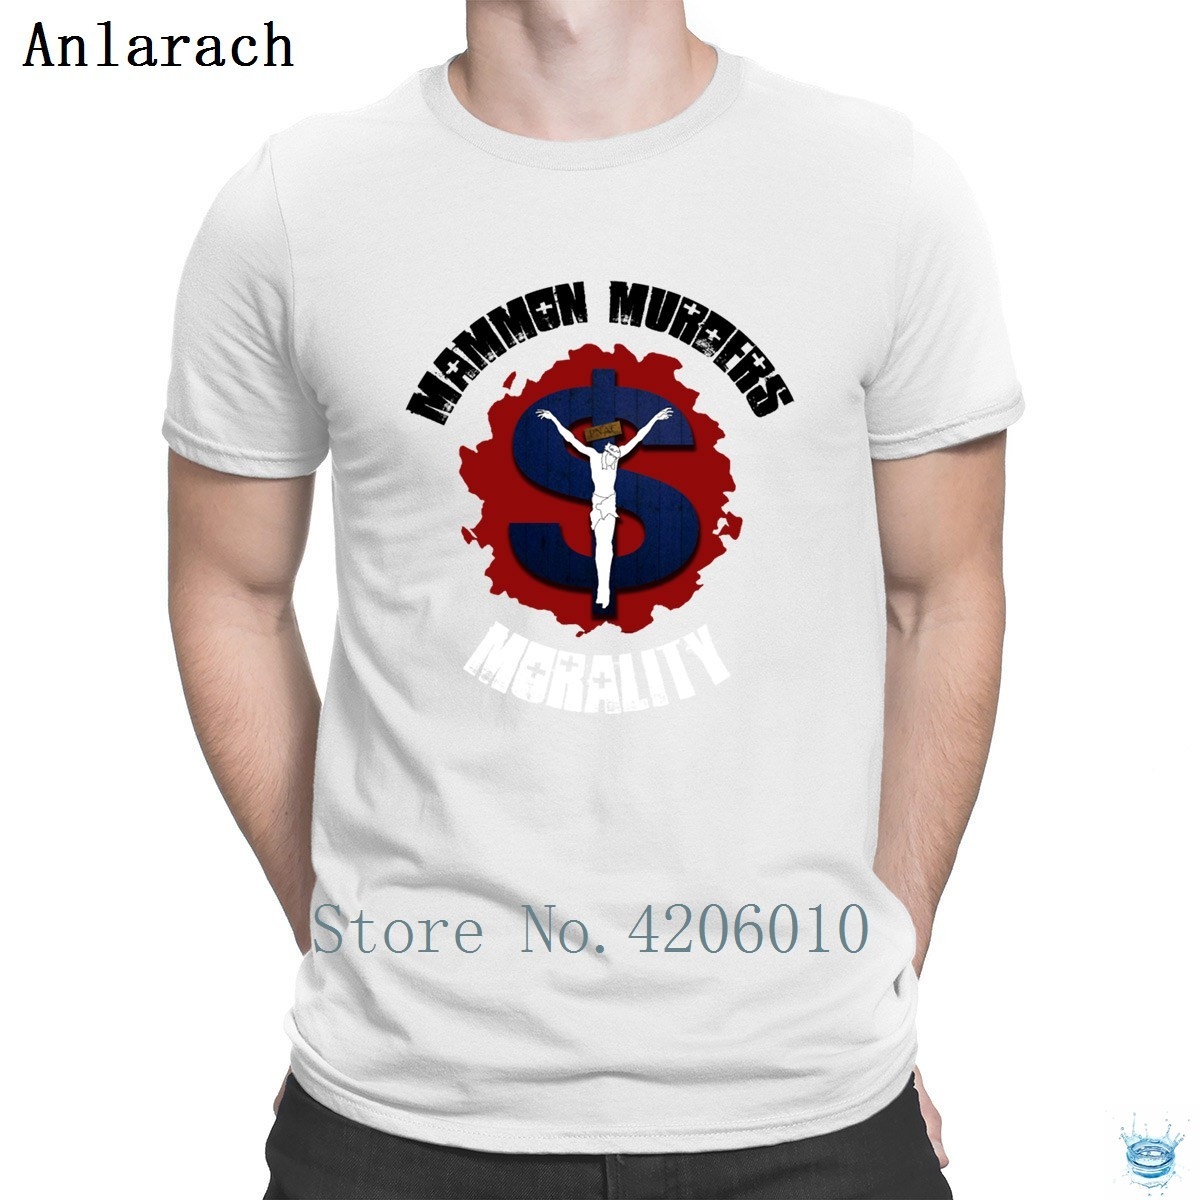 Mammon Murders Morality camiseta popular diseño de calidad superior peculiar camiseta para hombres luz del sol 100% algodón Anlarach Fitness ropa